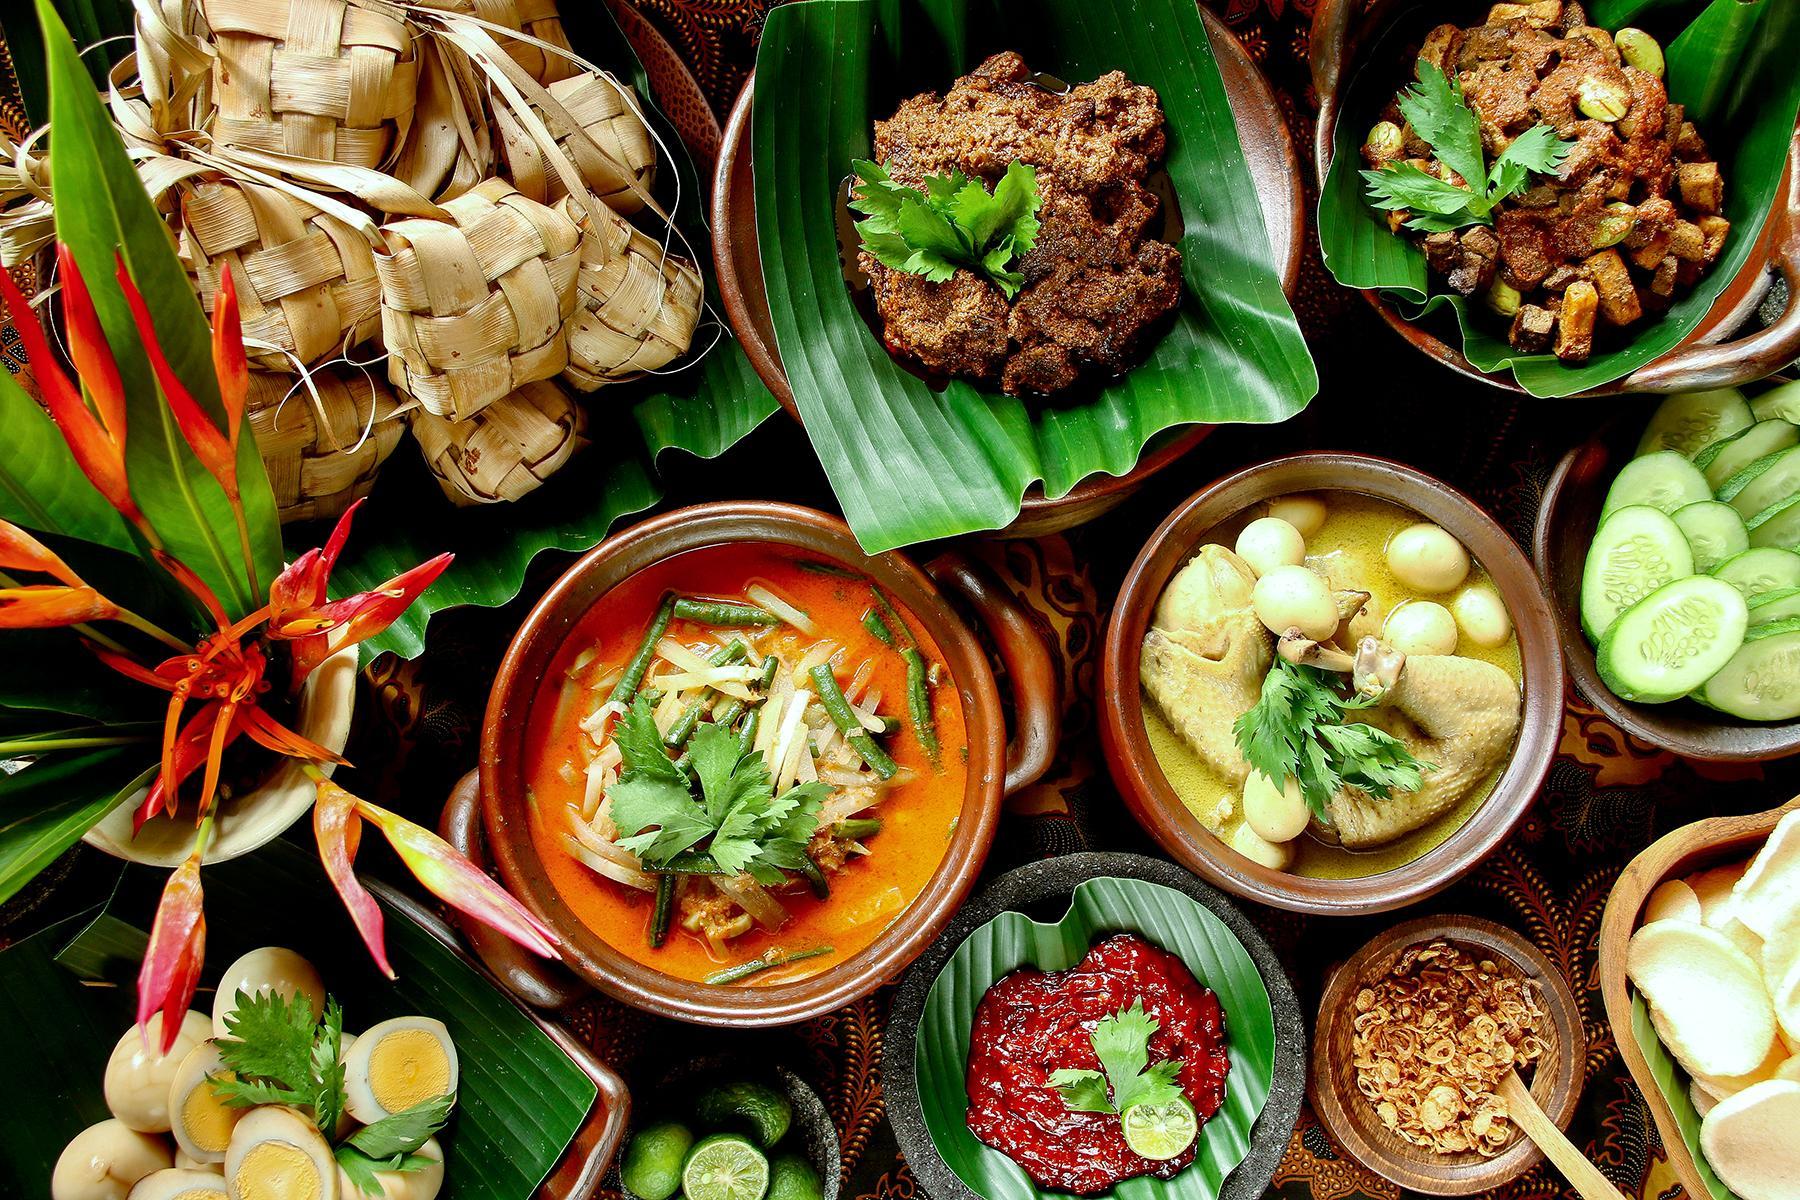 5 Makanan Khas Jawa yang Bisa Diolah oleh Pengusaha Kuliner